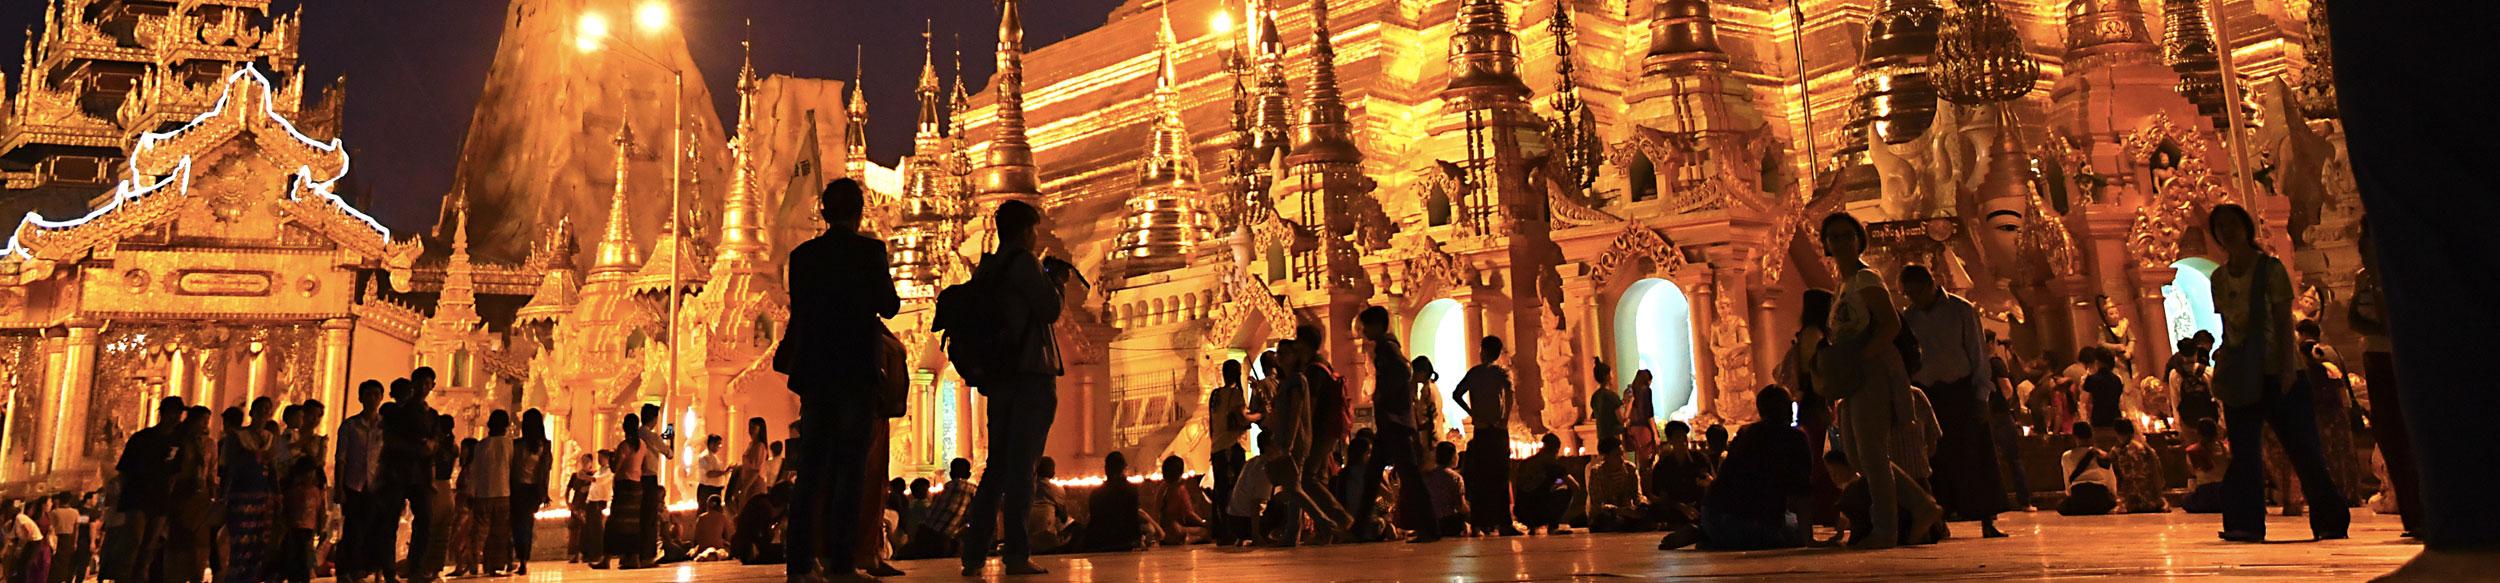 Visiter Yangon en Birmanie avec Carnets d'Asie